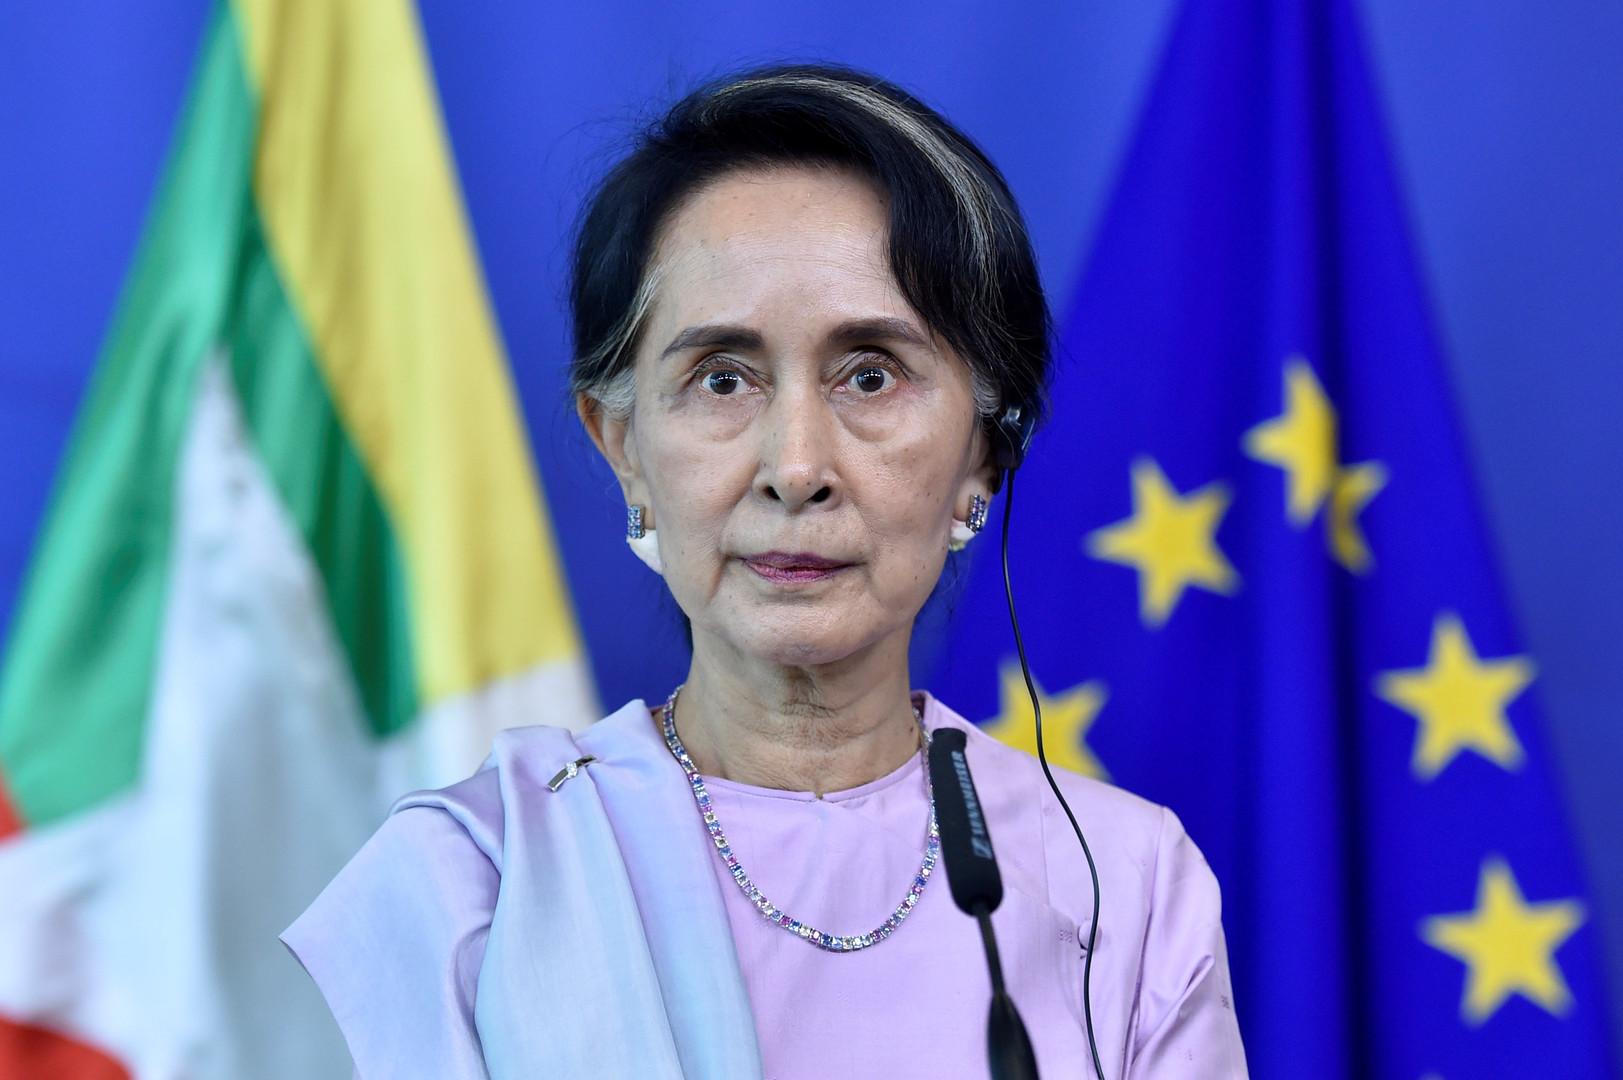 العفو الدولية تجرد زعيمة بورما من جائزة «سفيرة الضمير» بسبب الروهينجا